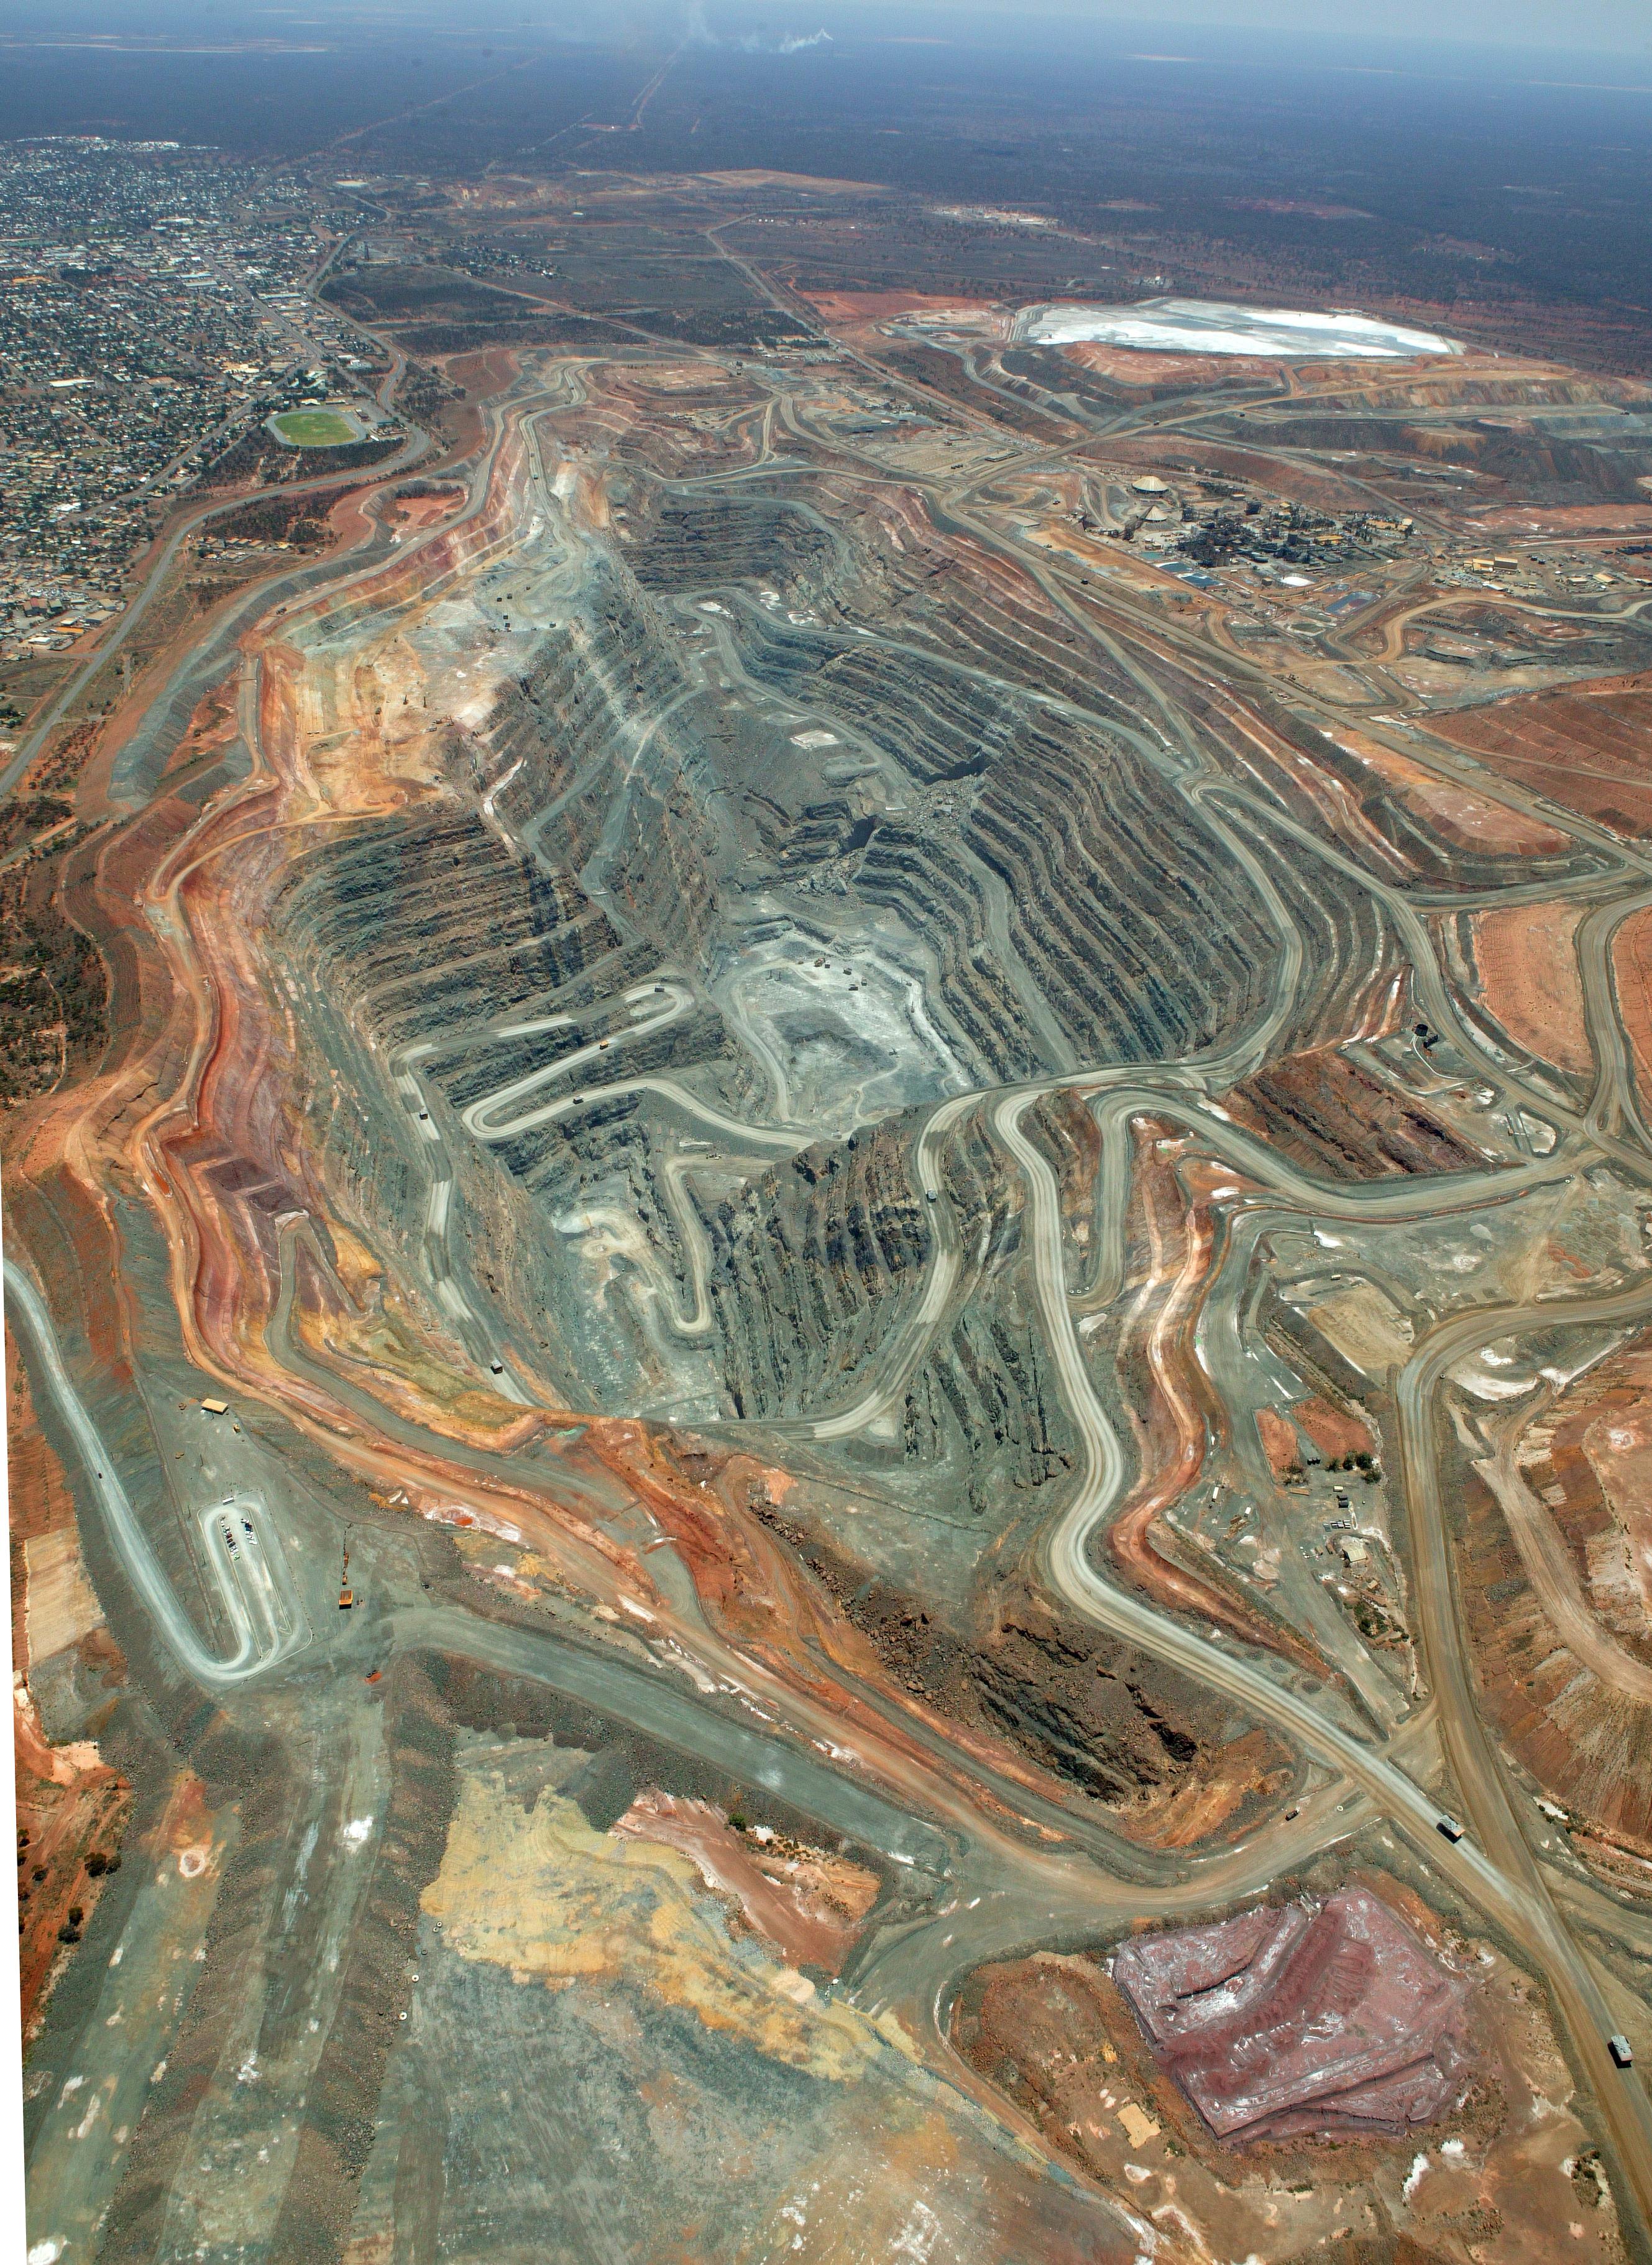 The Kalgoorlie Super Pit Mining Com